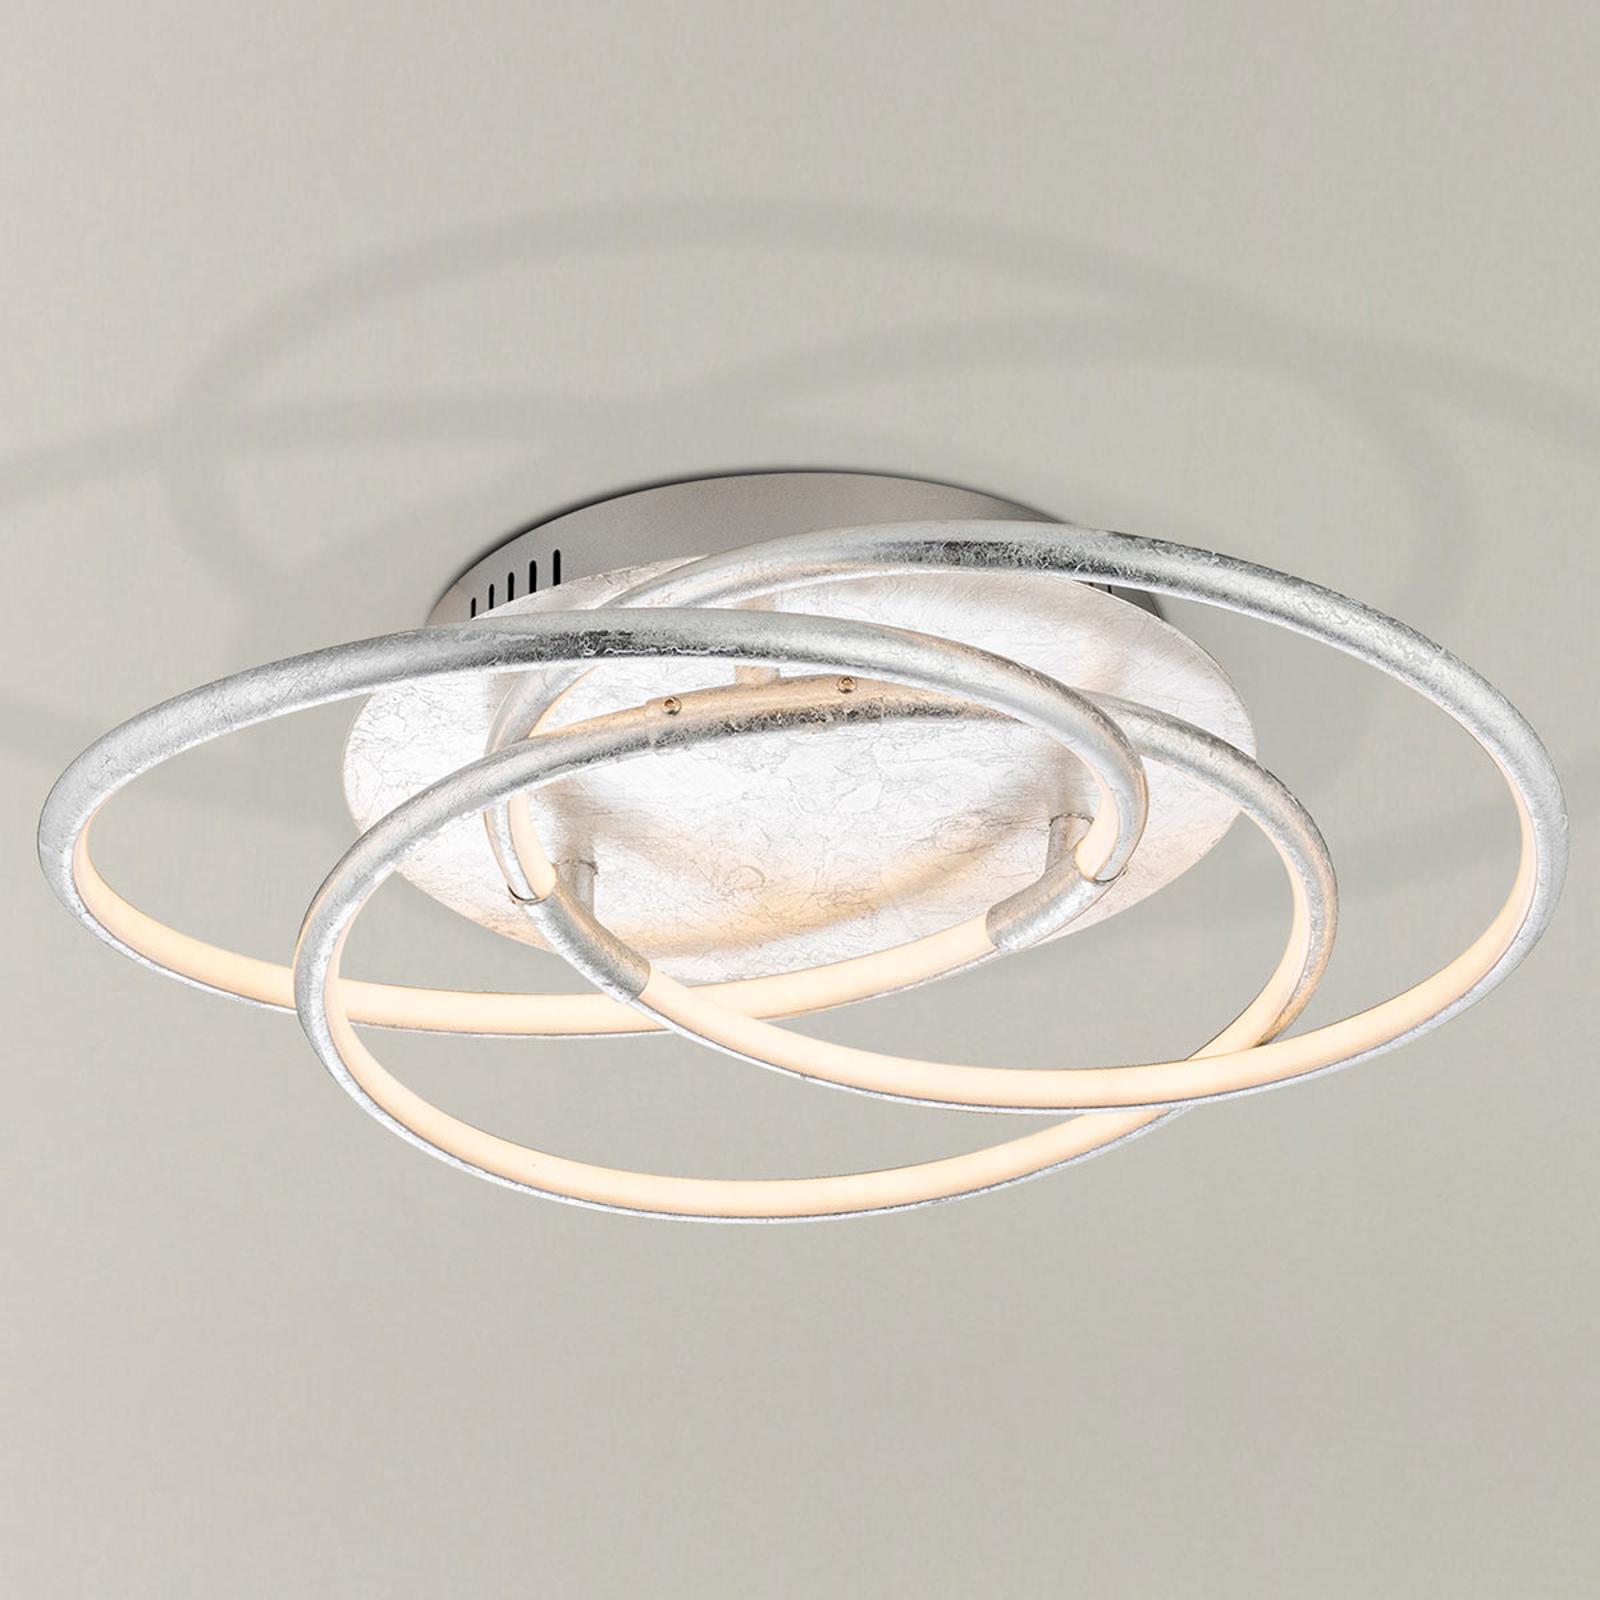 Silberfarben gestaltete LED-Deckenlampe Barna